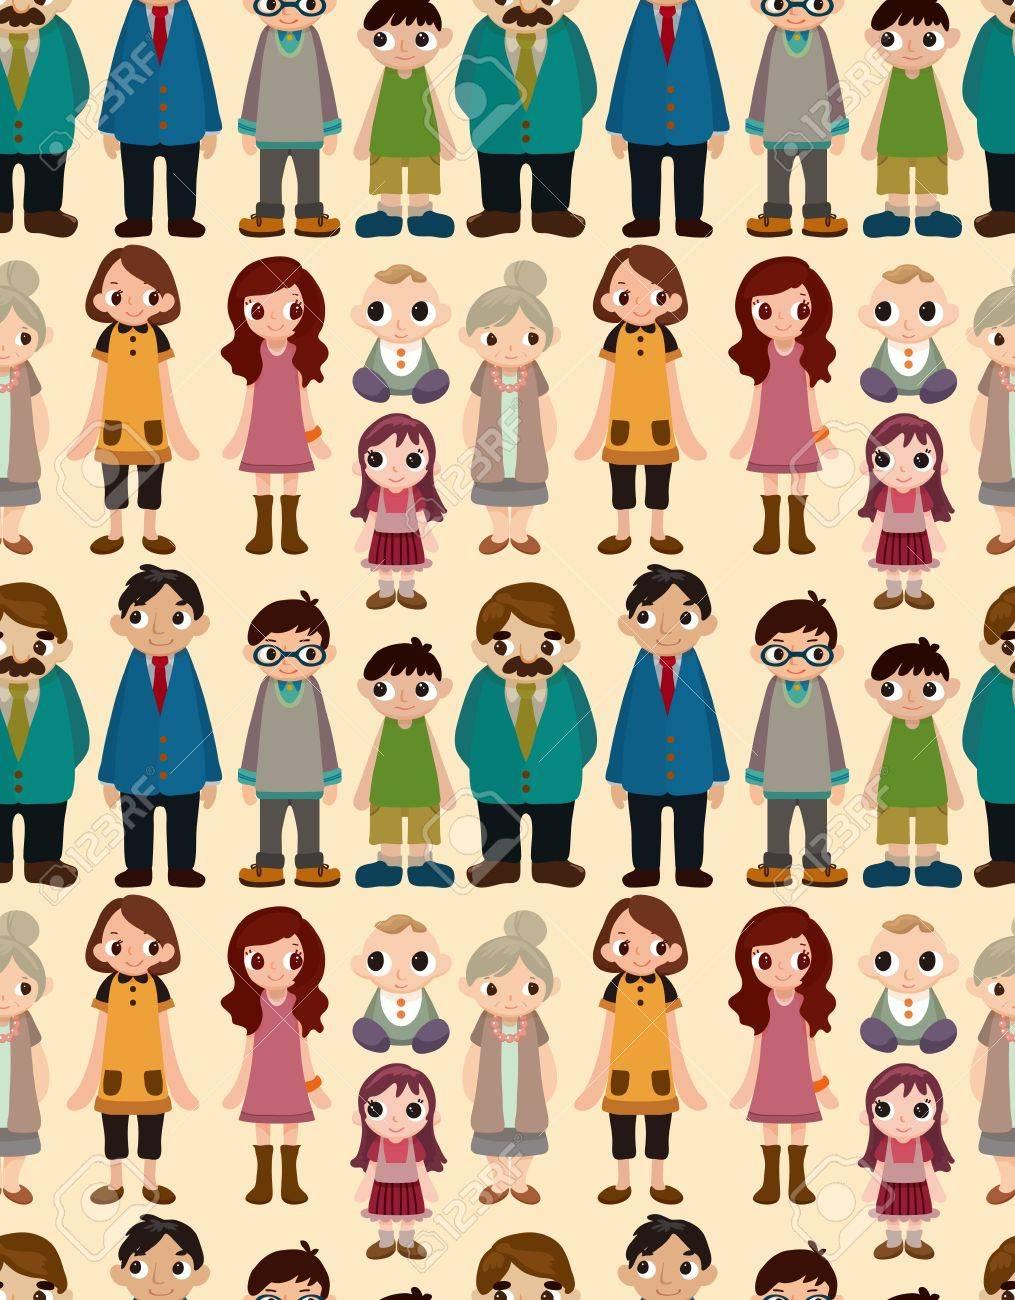 seamless family pattern,cartoon illustration Stock Vector - 17432911